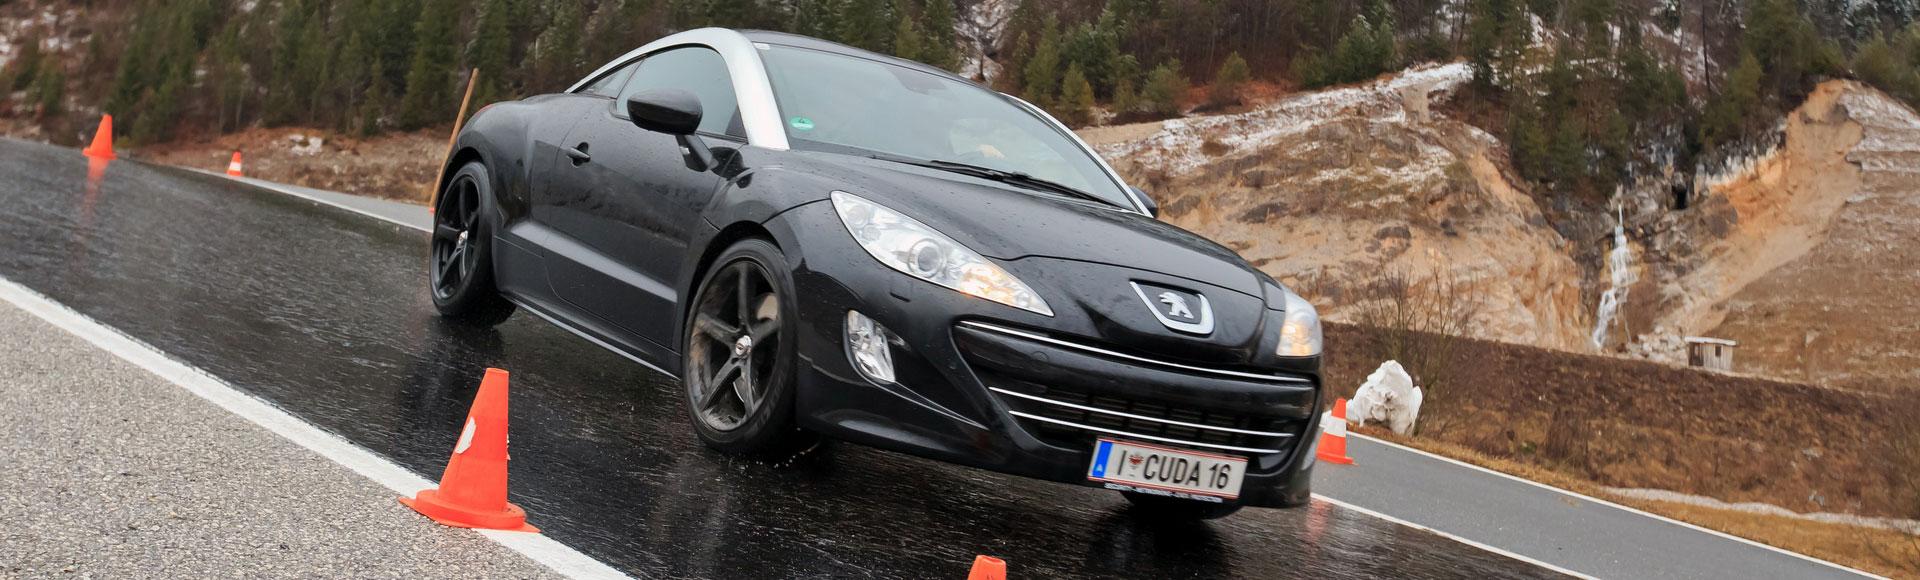 Peugeot RCZ 2013 Winter X0771